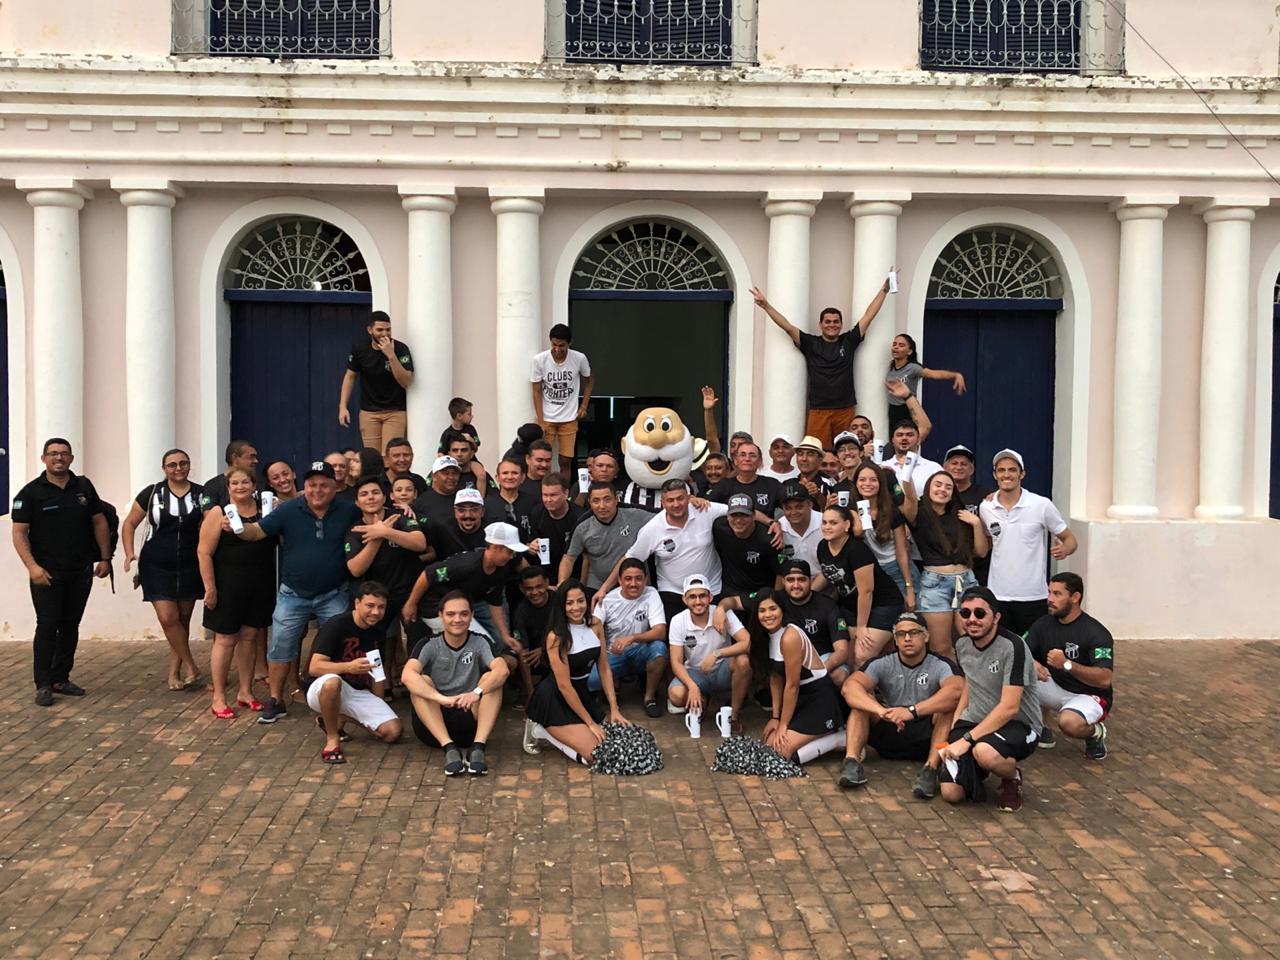 Representantes do Consulado e torcedores posam para foto em frente ao Teatro das Ribeiras dos Icós, construído em 1860 e protegido pelo Tombo Estadual.